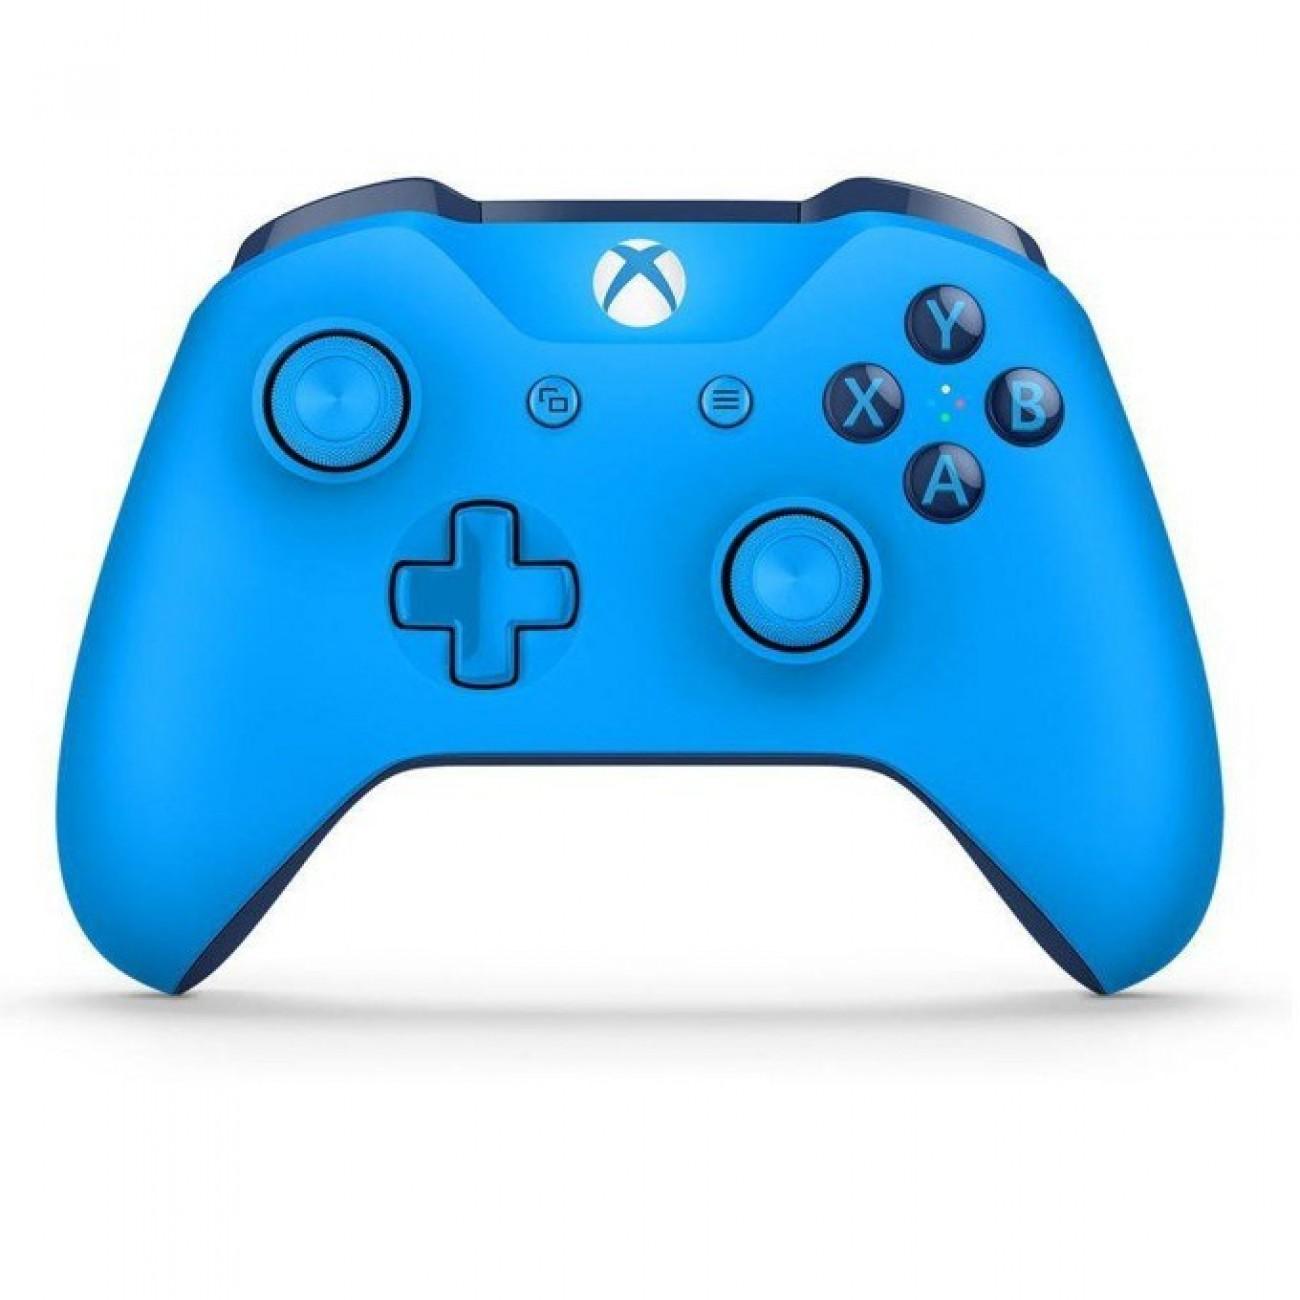 Геймпад Microsoft Xbox One, безжичен, USB, Xbox One, син в Геймпади, Волани, Джойстици -    Alleop